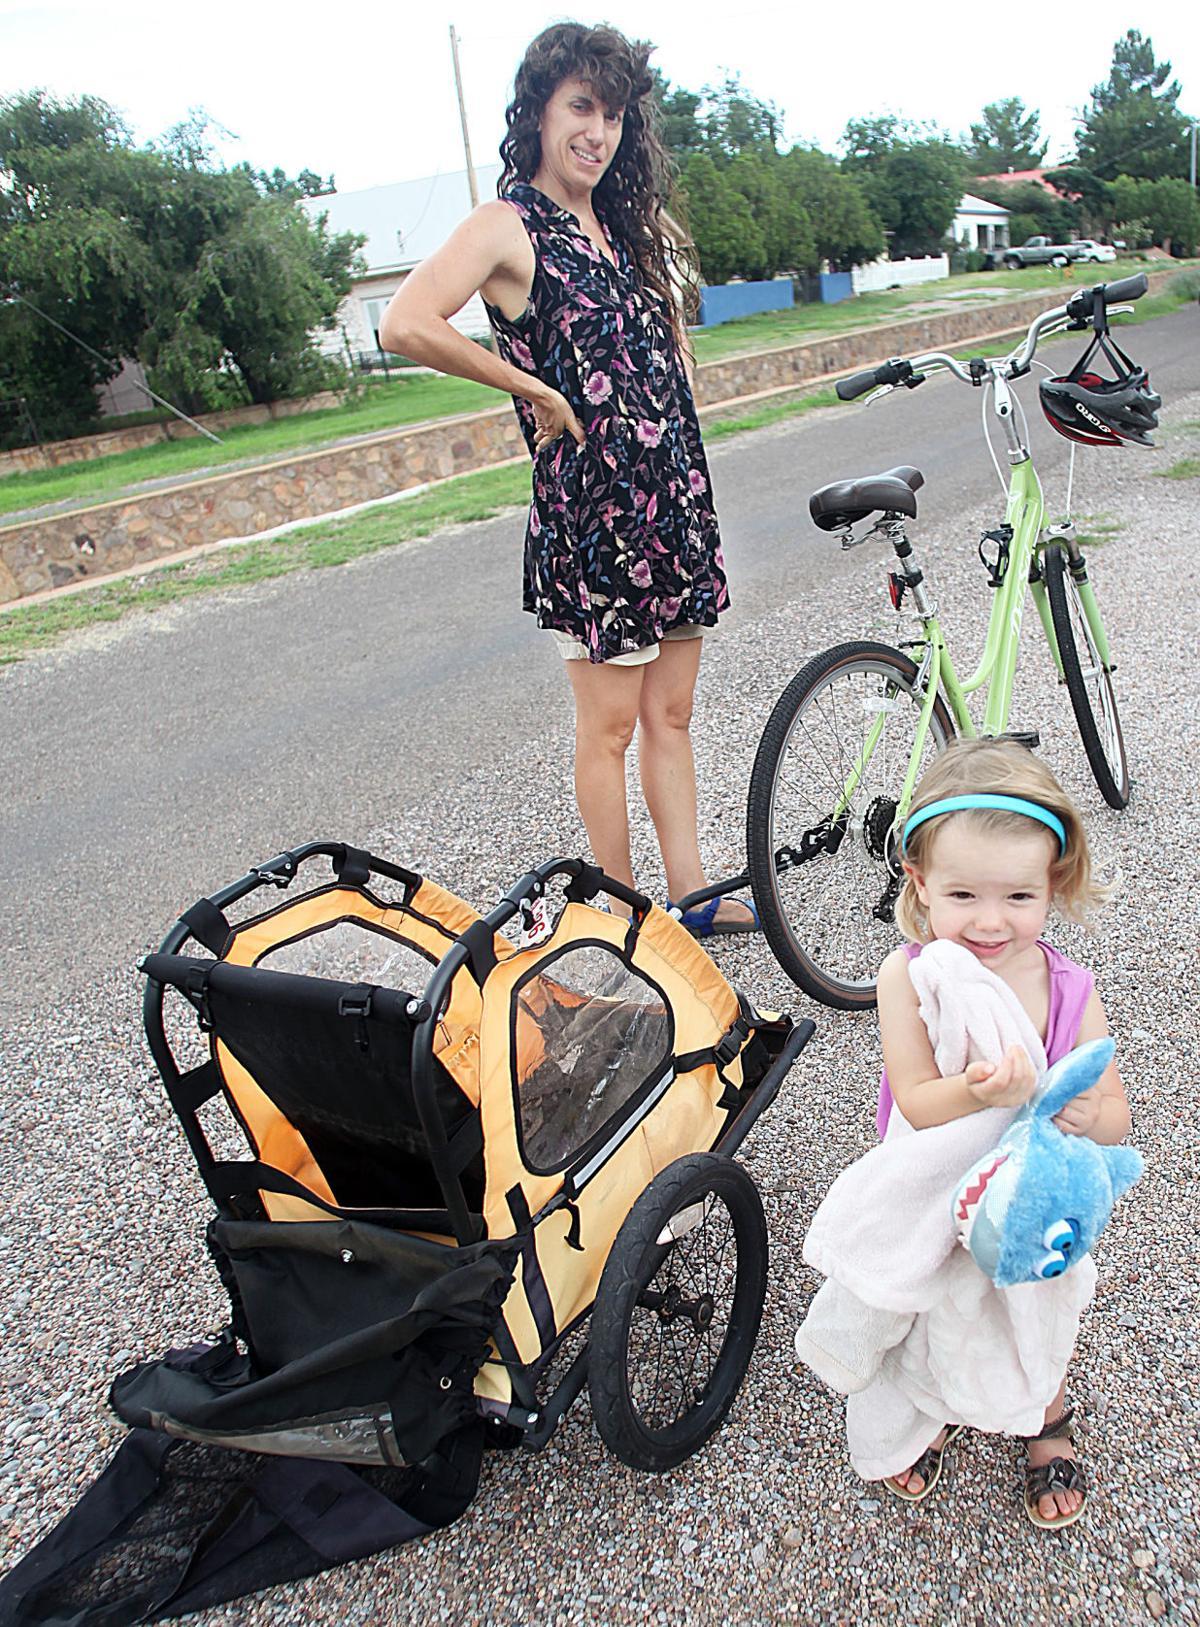 bike paths 1 (copy)